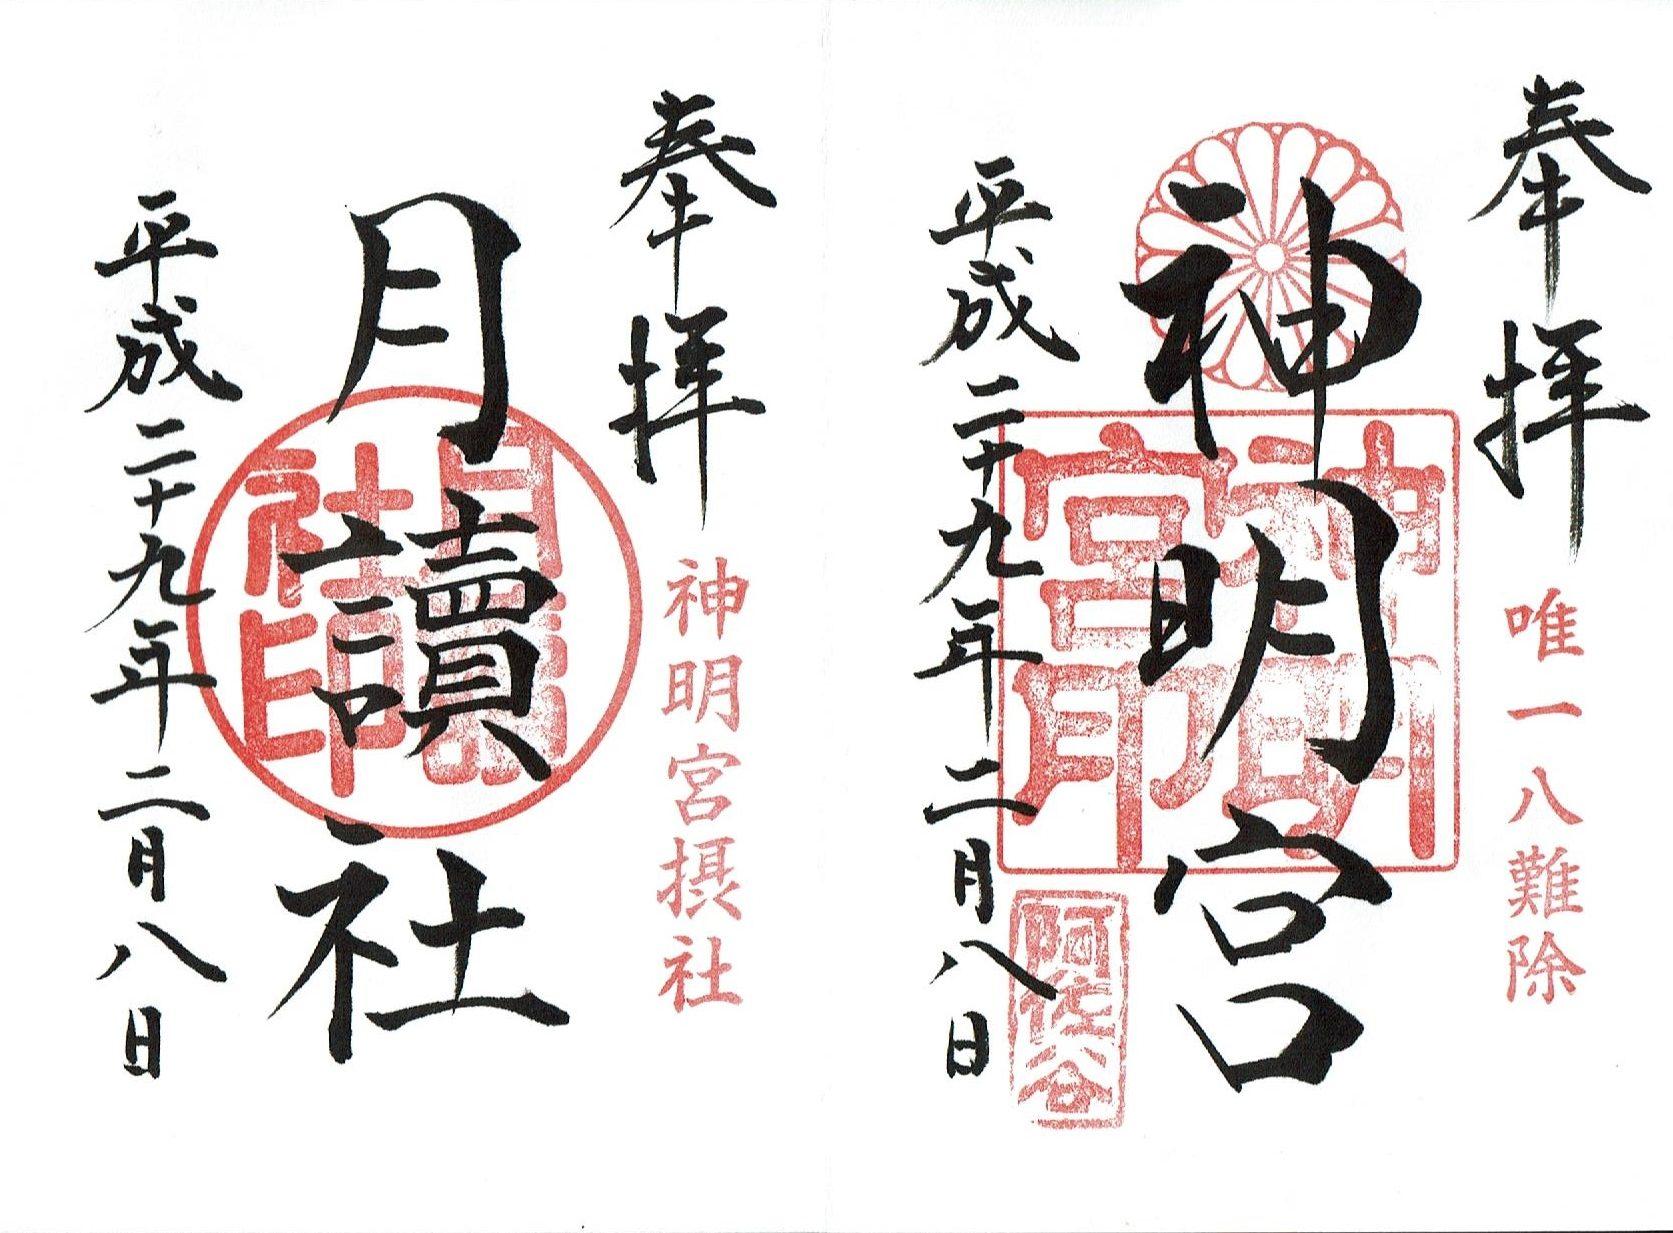 阿佐ヶ谷神明宮の御朱印は神明宮のものと月讀社のものがあります